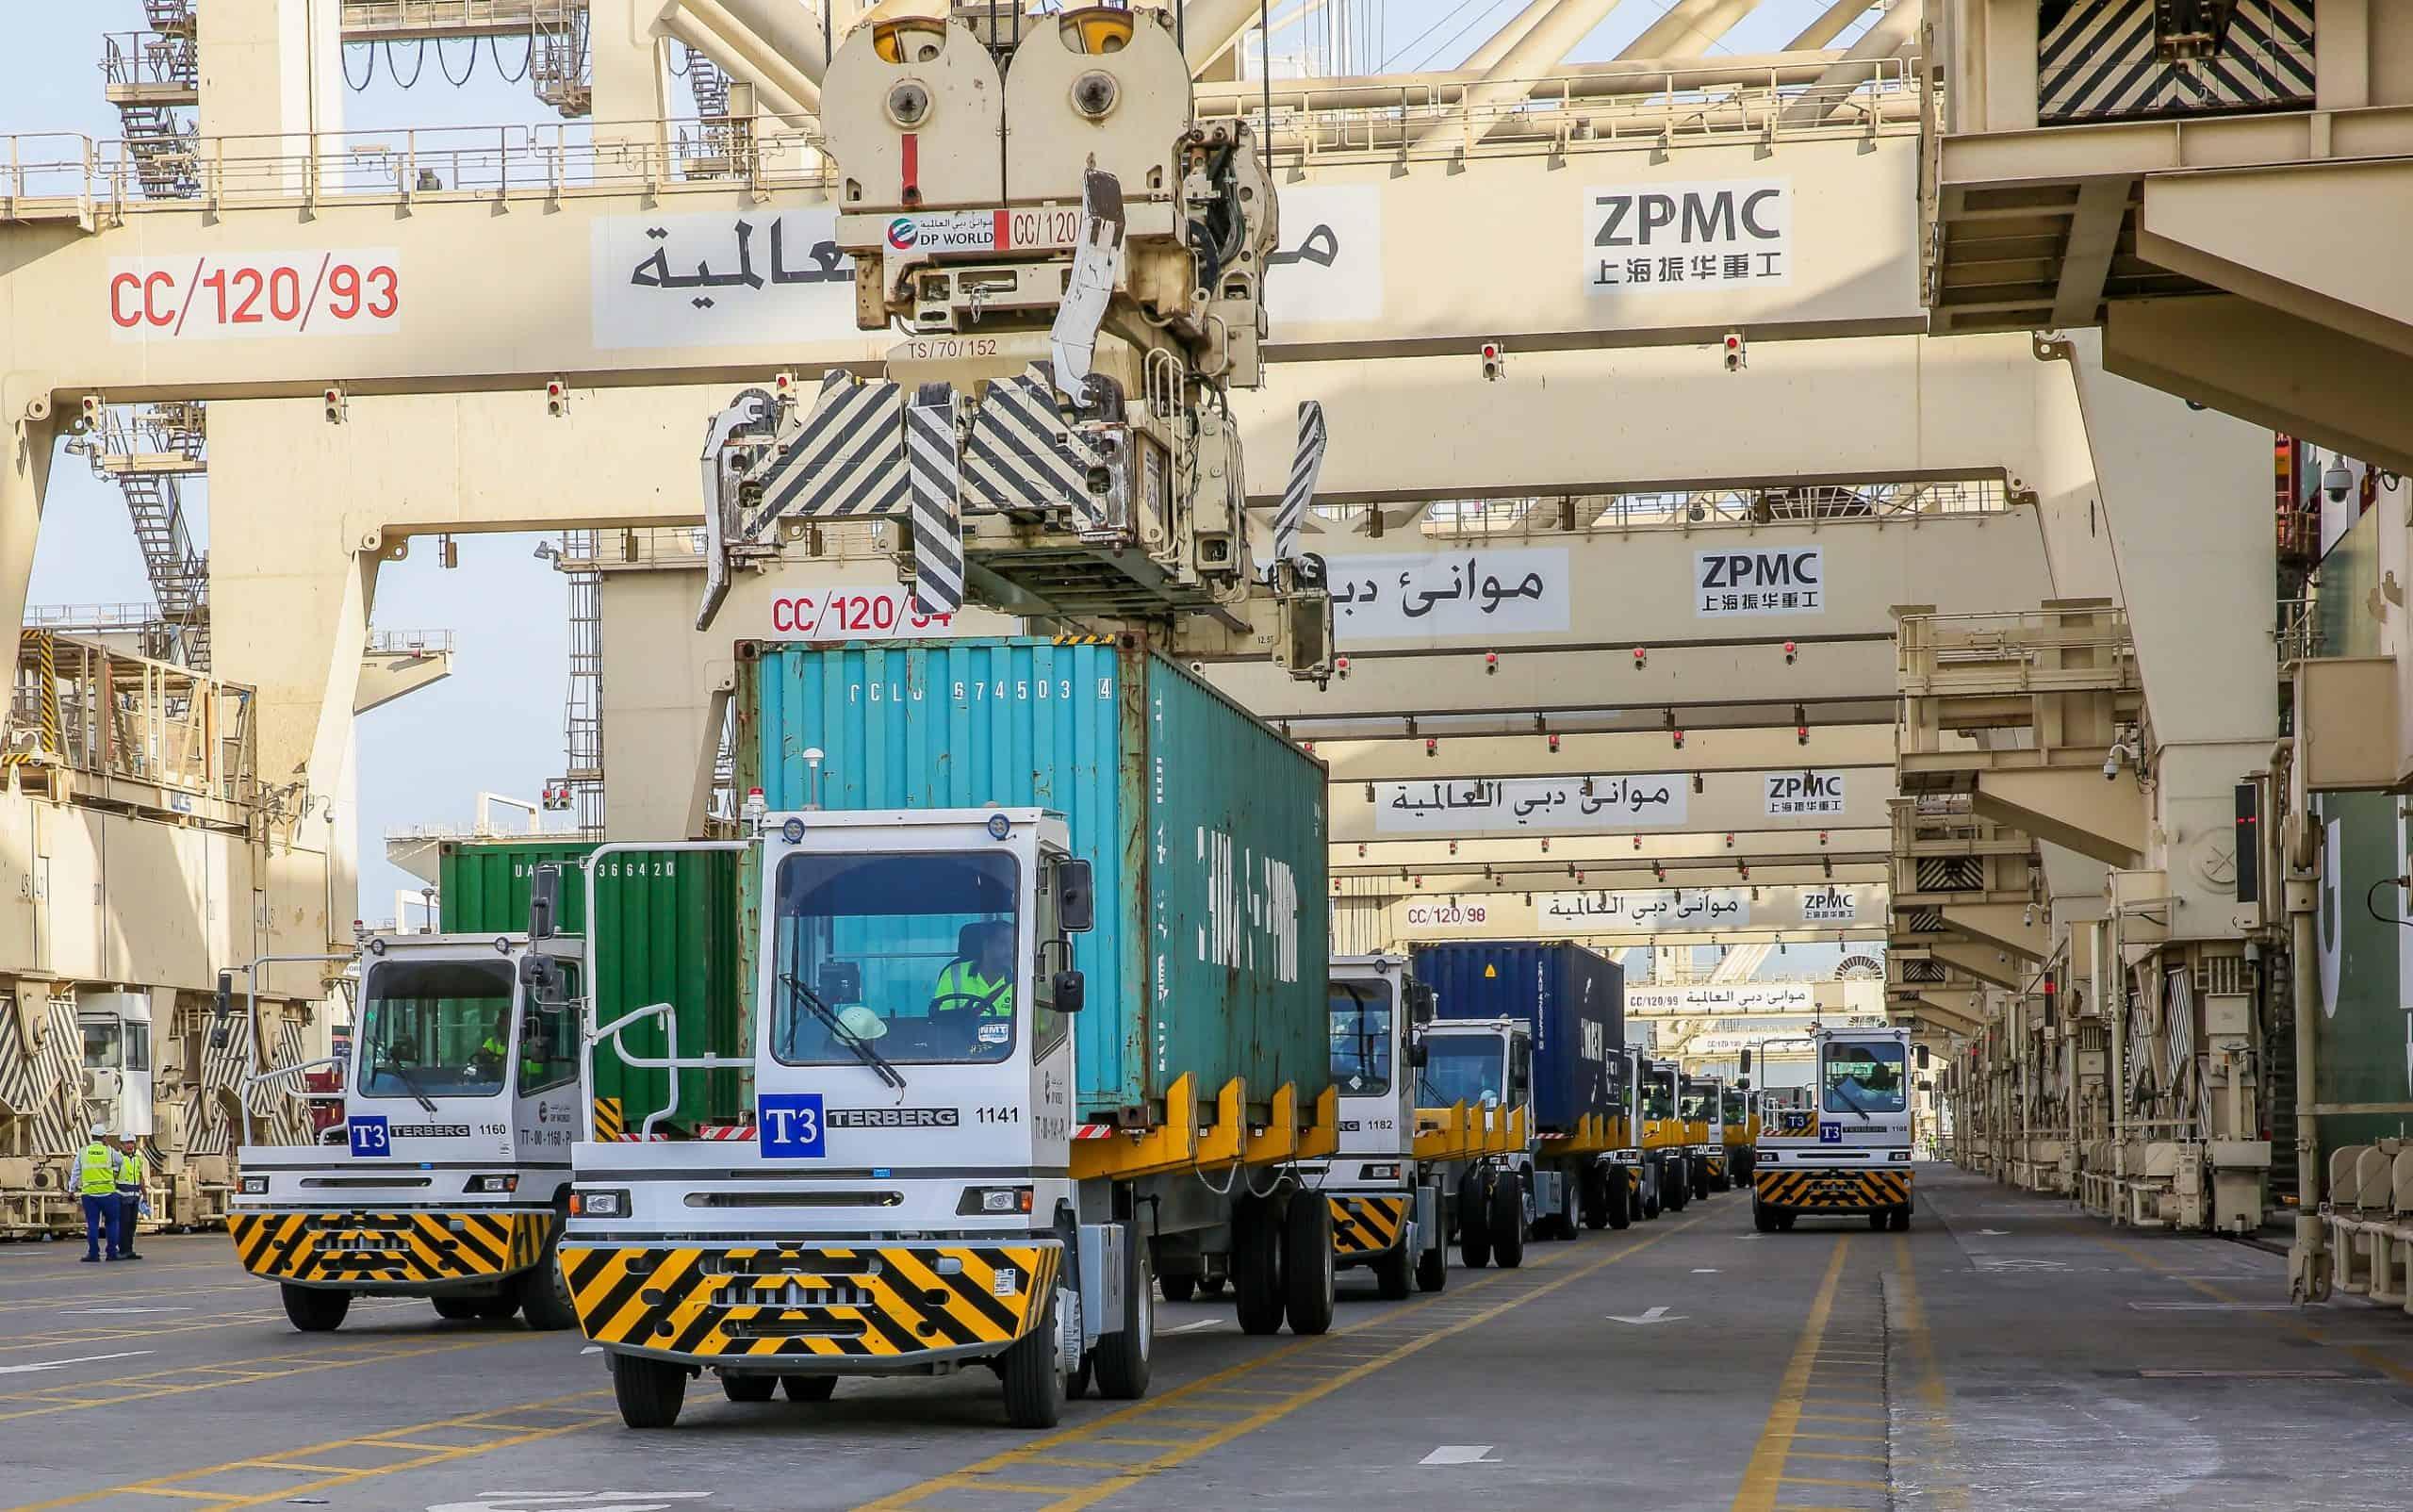 DP World orders 238 Terberg terminal tractors for Jebel Ali